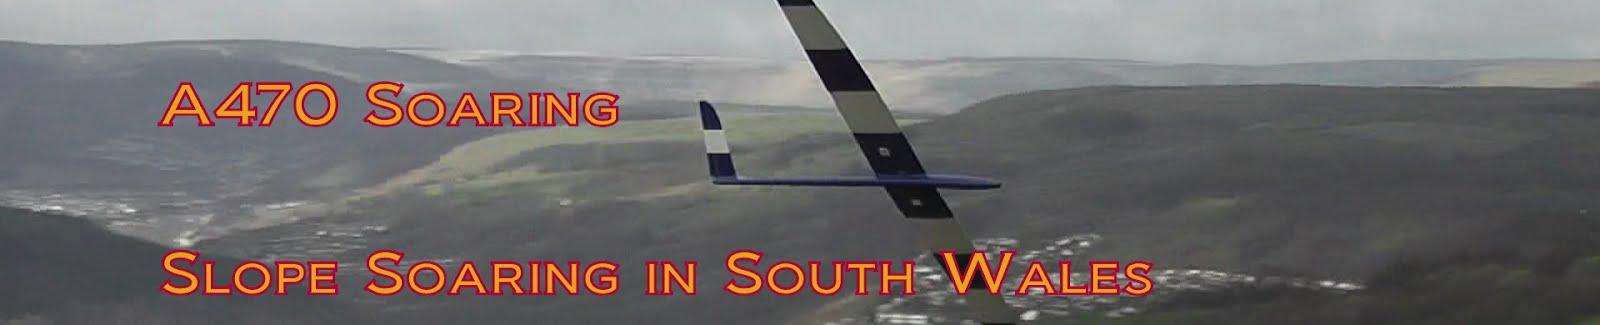 A470 Soaring